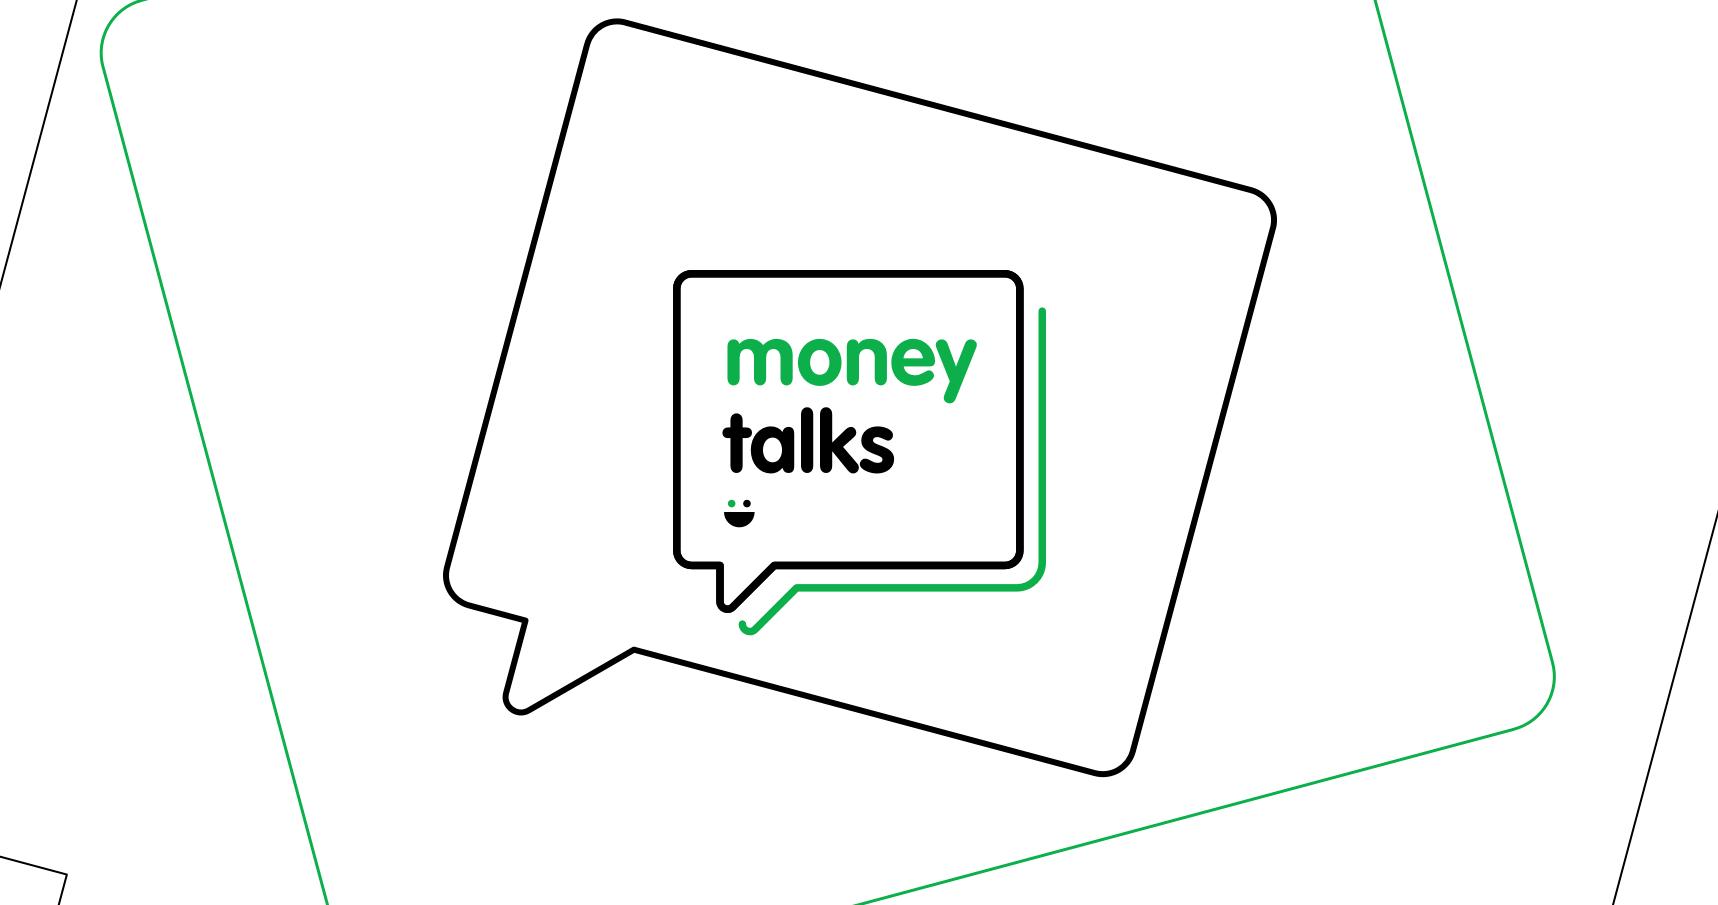 Wat kunnen we leren van de Money Talks in 2019?